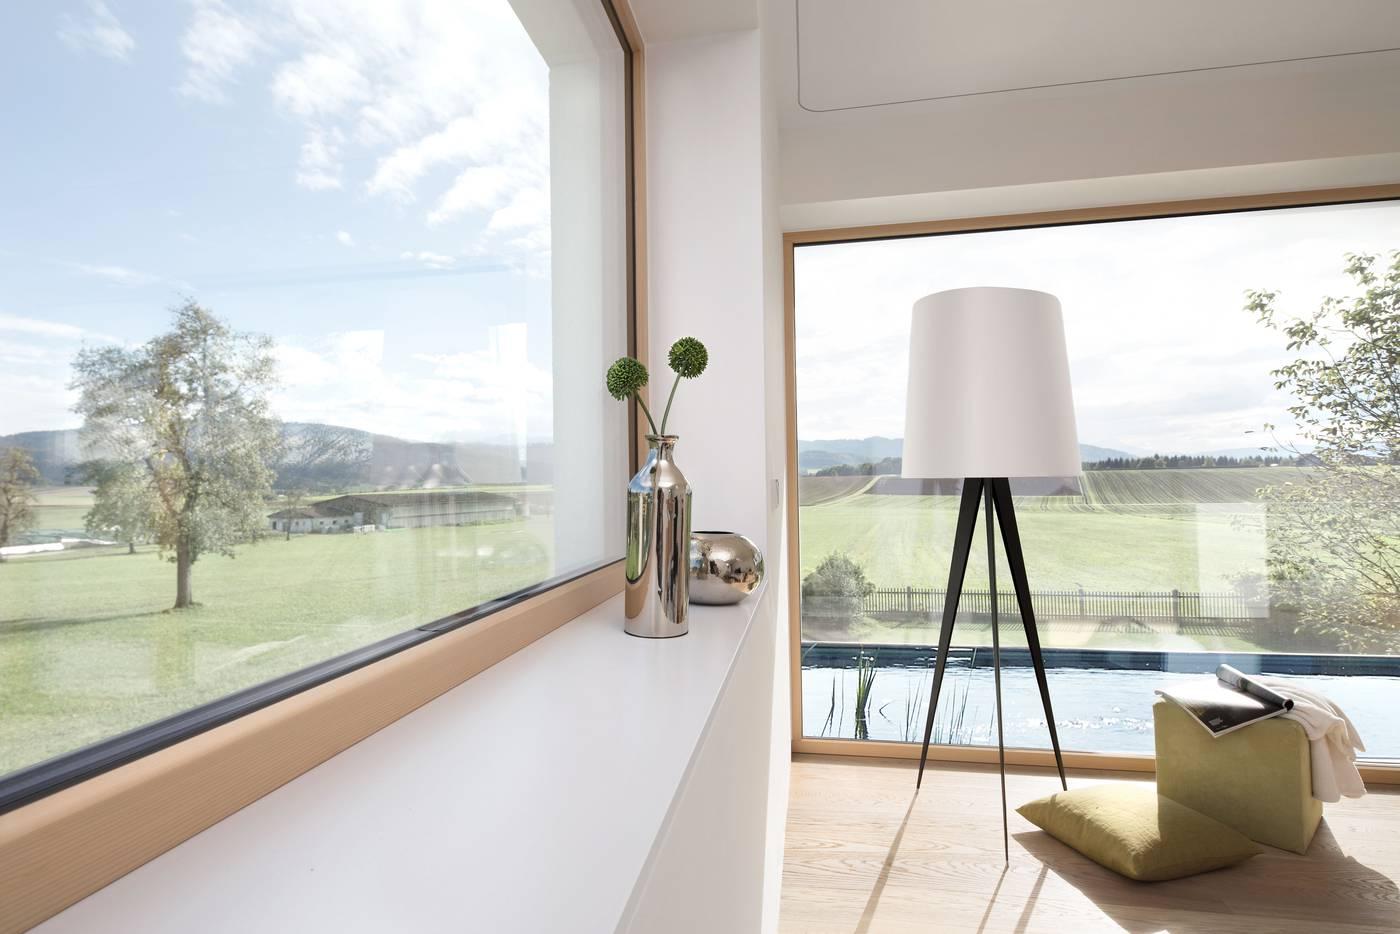 Groß Sandstein Fensterbänke Fotos - Schlafzimmer Ideen - losviajes.info